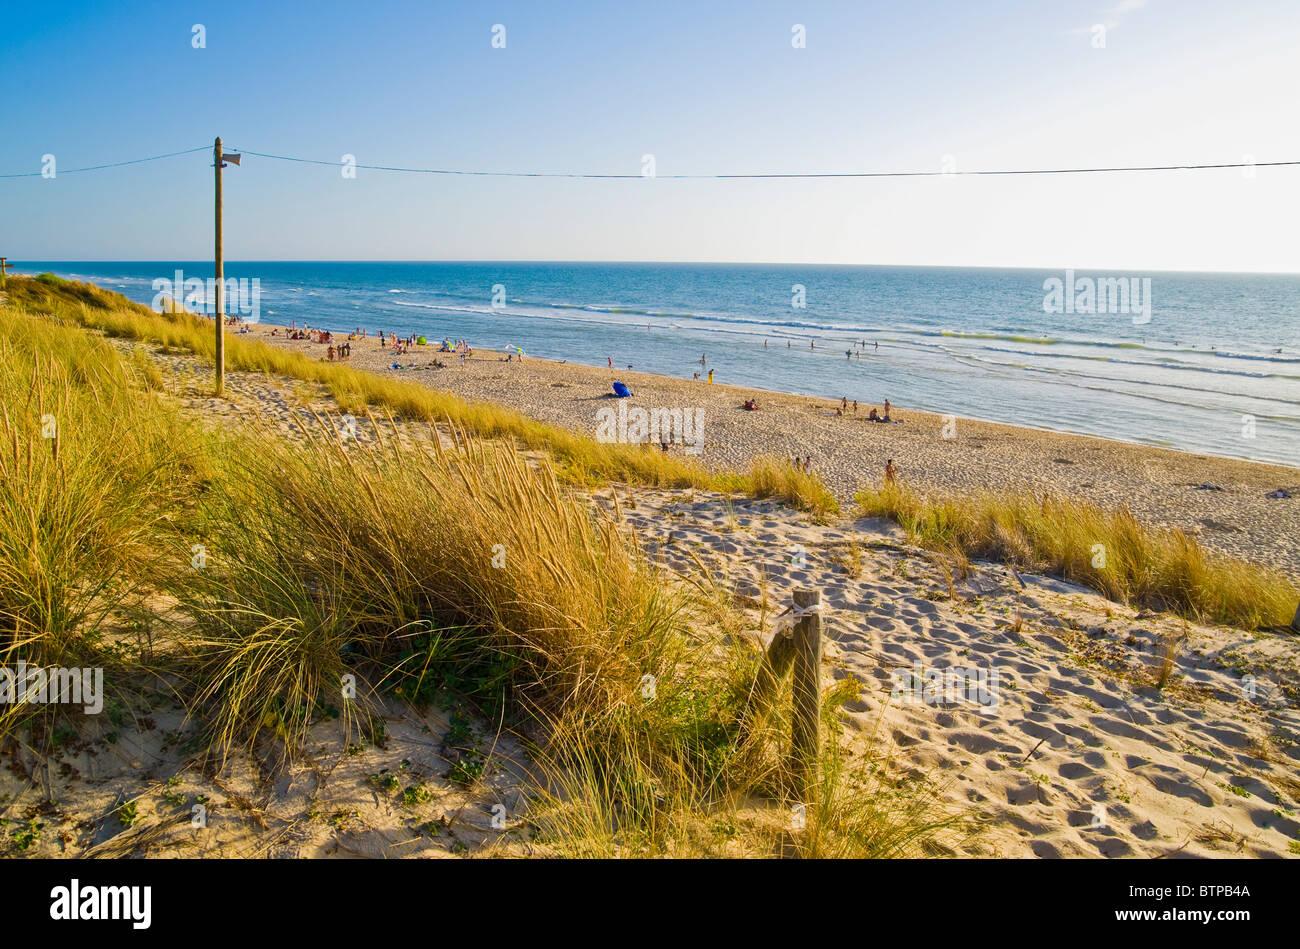 Le Porge-Ocean Beach, Cote d'Argent, France - Stock Image